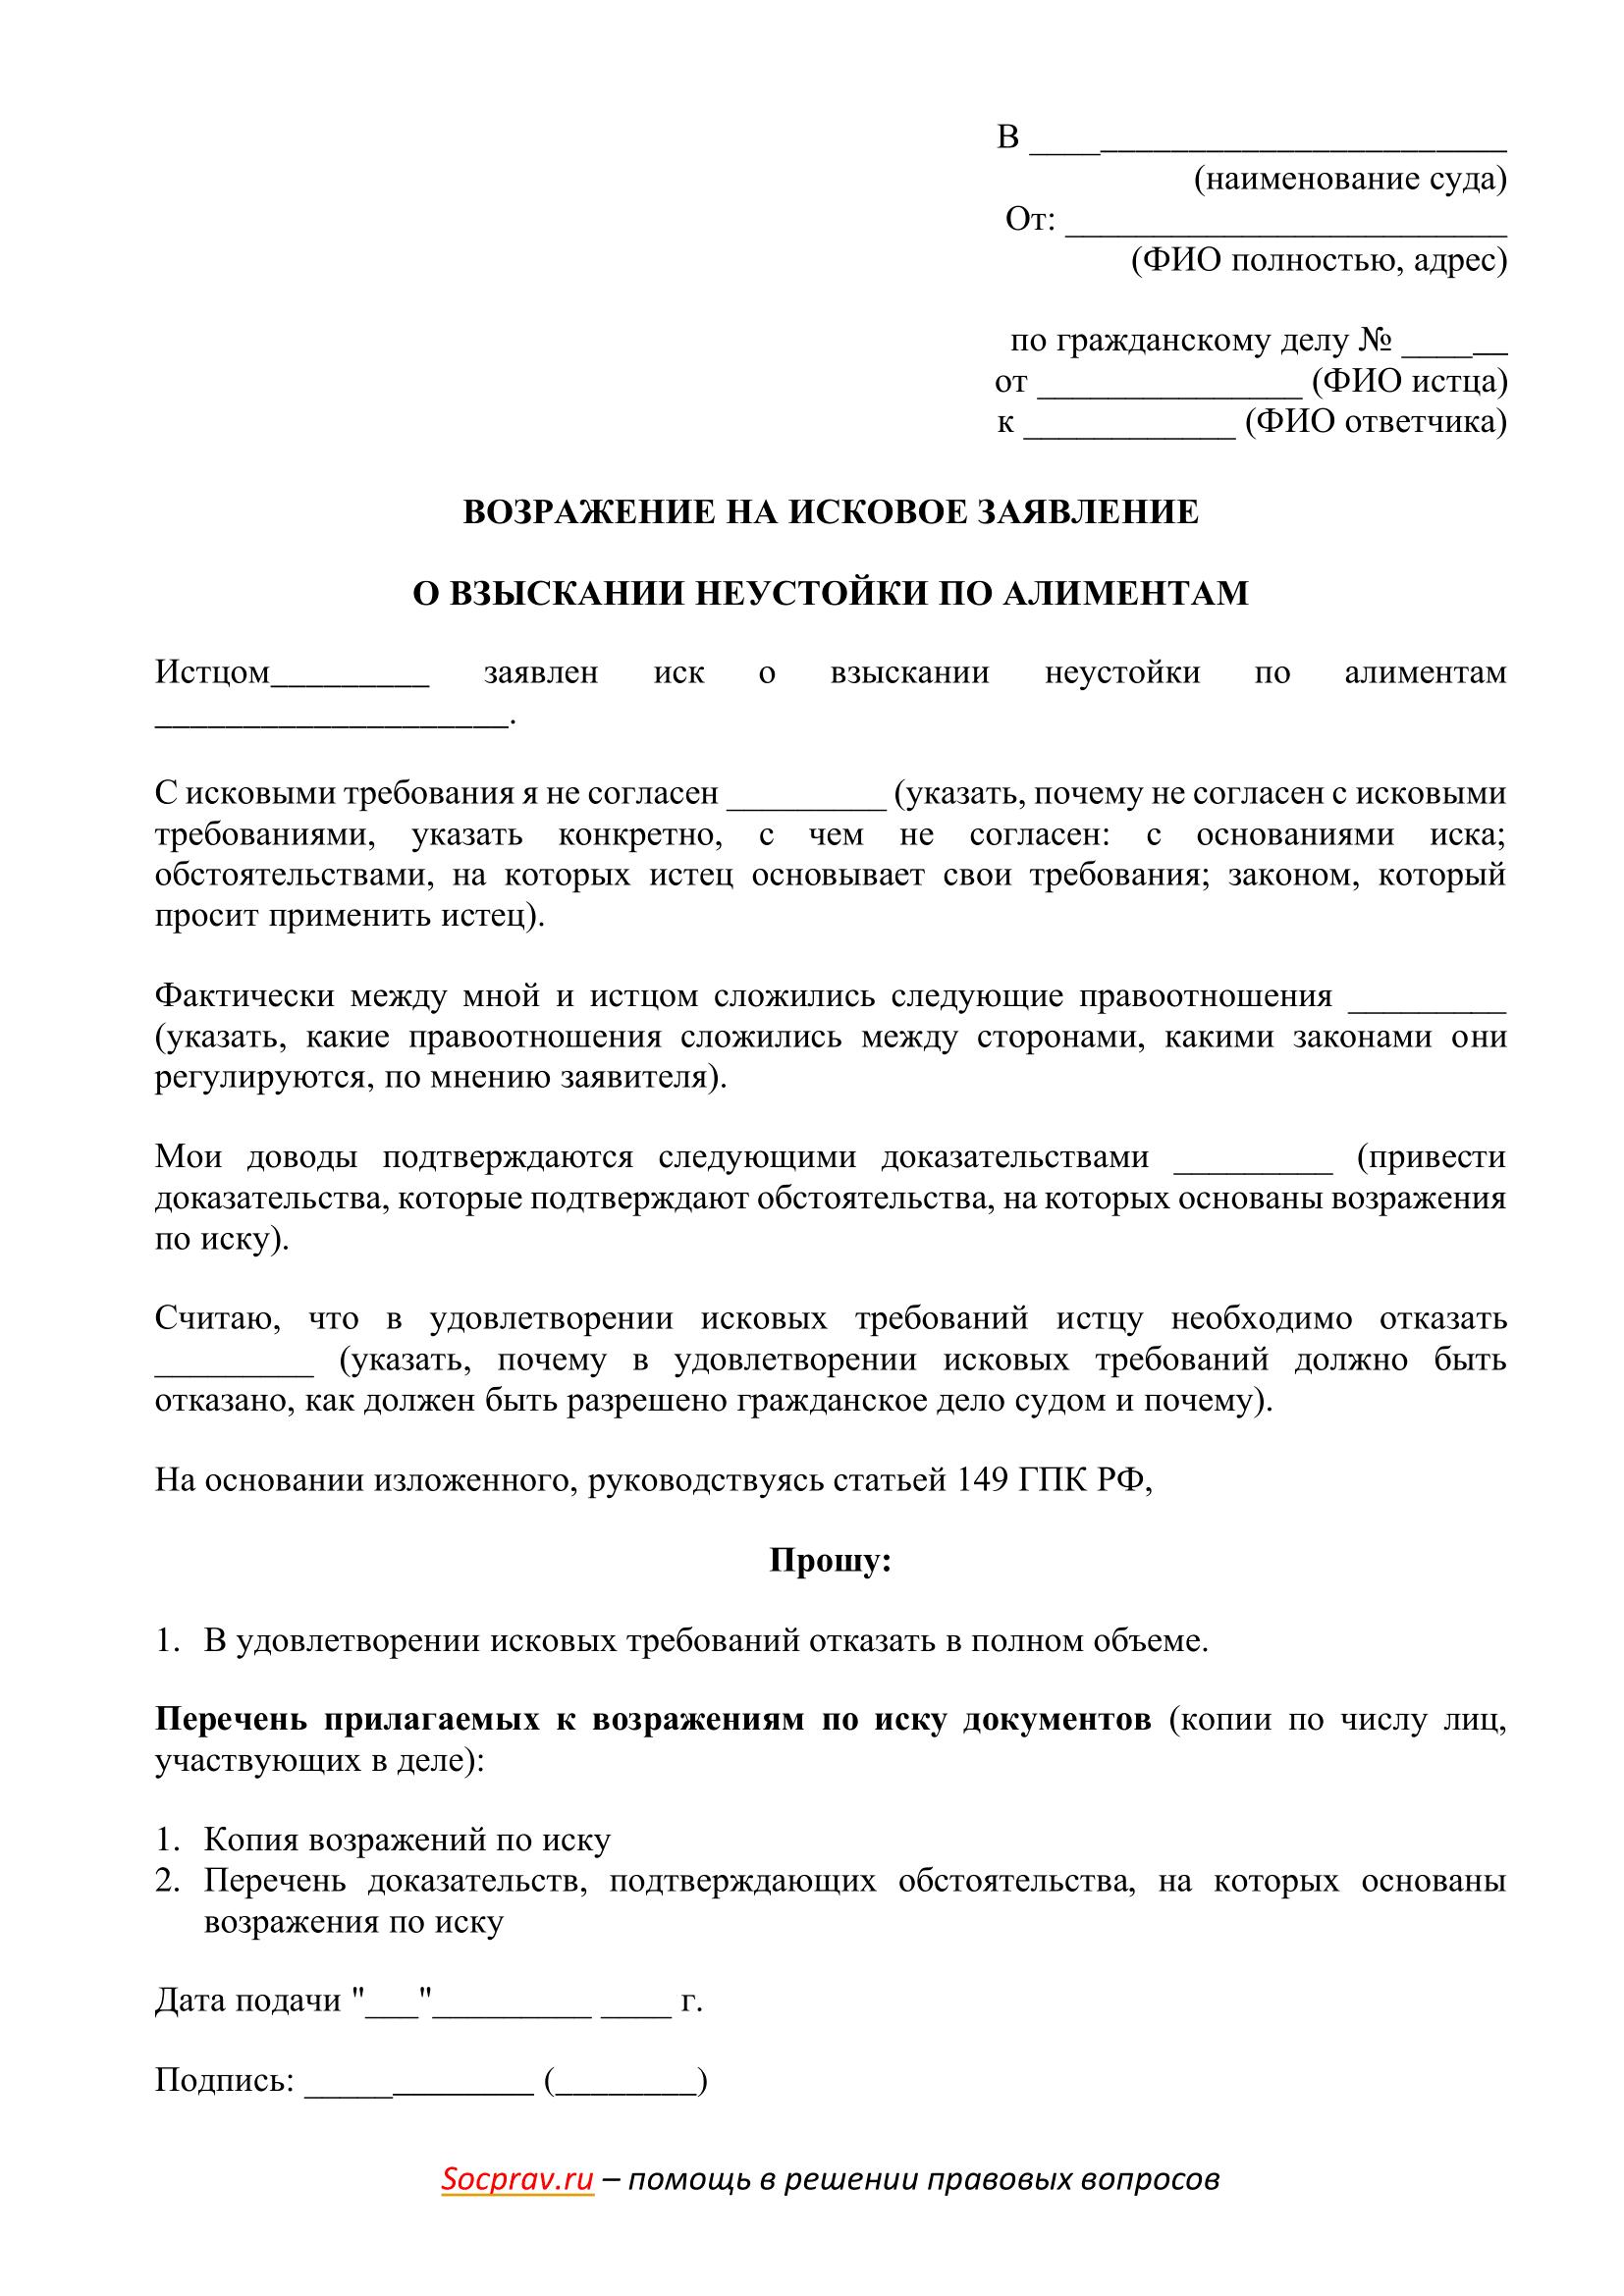 Возражение на искового заявление о взыскании неустойки по алиментам